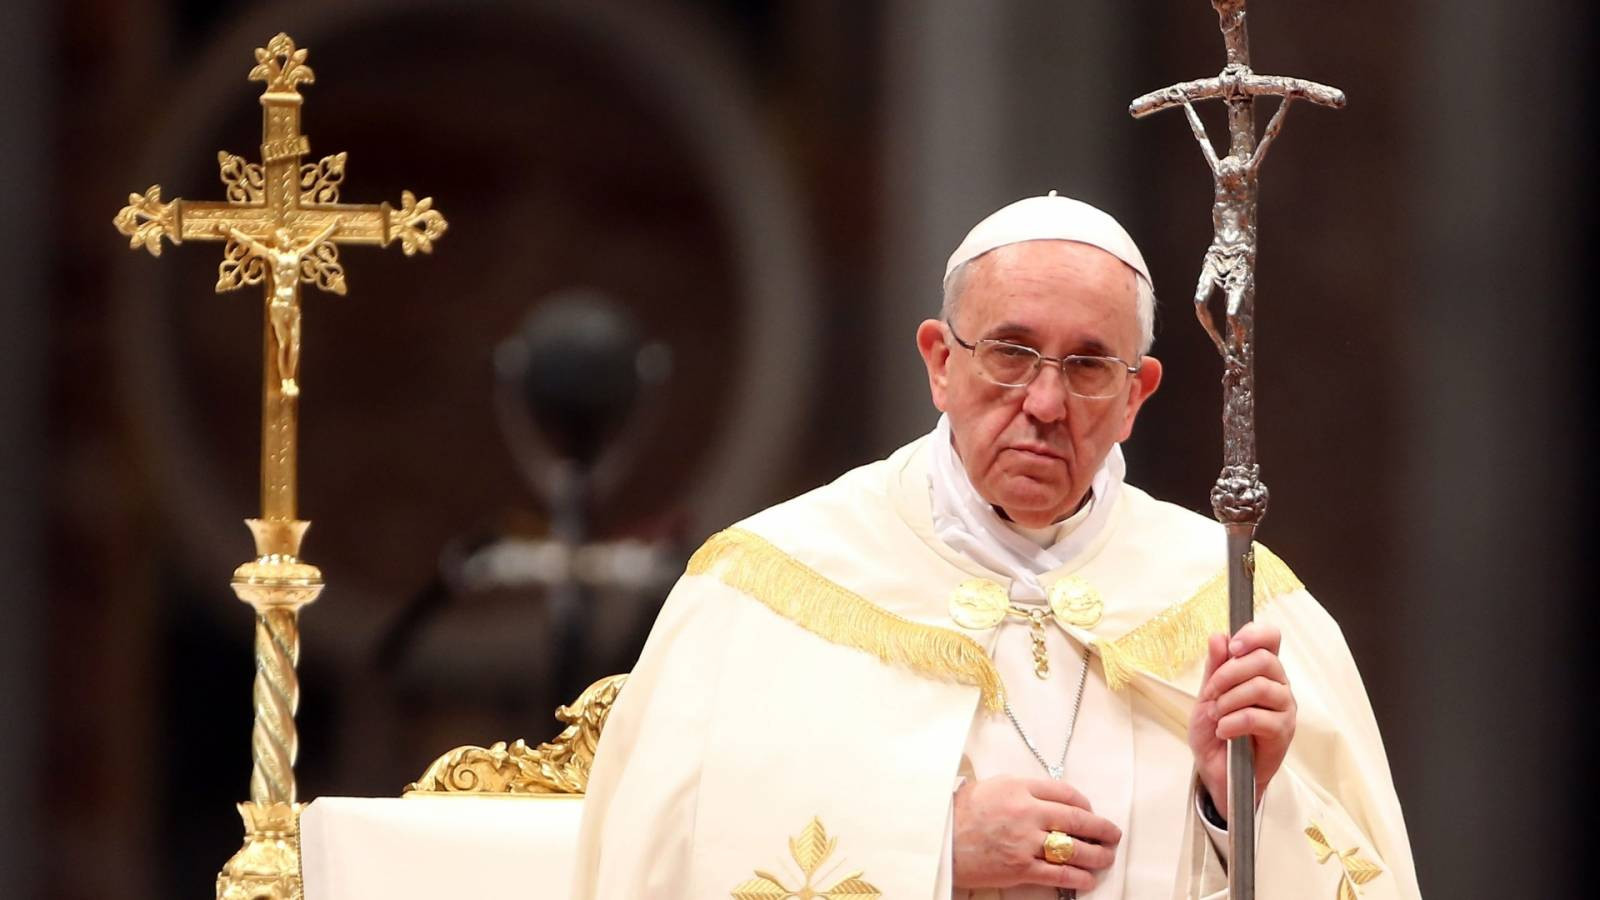 Ватикан обвиняет администрацию Трампа в попытках втянуть в выборы Папу Римского